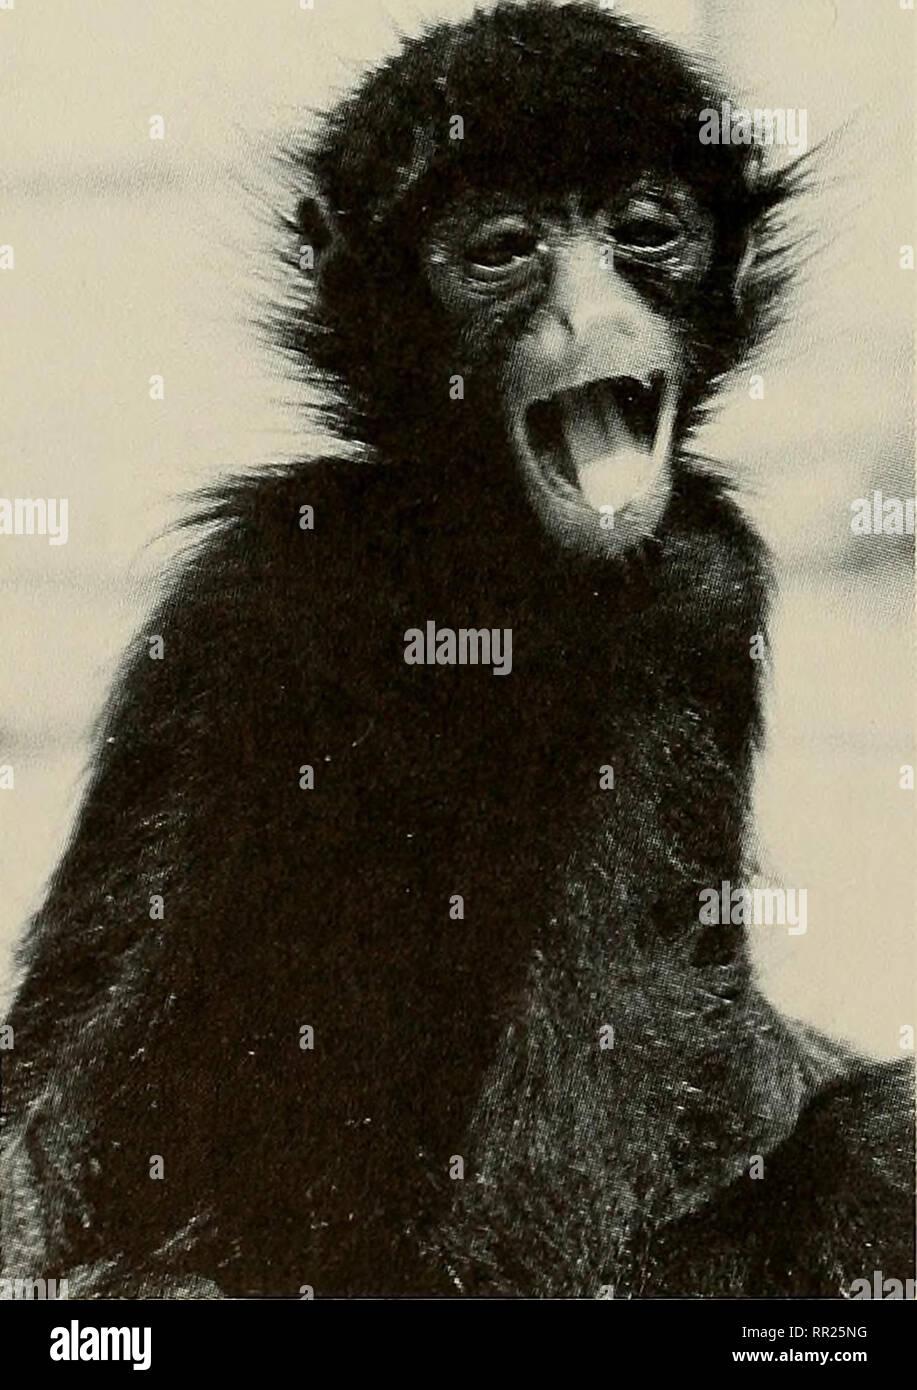 . Avances en herpetología y biología evolutiva : Ensayos en honor de Ernest E. Williams. Williams, Ernest E. (Ernest Edward); Herpetology; evolución. Figura 3. a. Menores mono capuchino tufted {Cebus apella apella). b. Joven adulto macho mono capuchino llorona {Cebus nigrivittatus). c. Hembra adulta (arriba) y subadulto (abajo) mono aullador (Alouatta senicu- lus). d. Los menores mono araña negro {Ateles paniscus paniscus). Por favor tenga en cuenta que estas imágenes son extraídas de la página escaneada imágenes que podrían haber sido mejoradas digitalmente para mejorar la legibilidad, la coloración y el aspecto de estas ilus Foto de stock